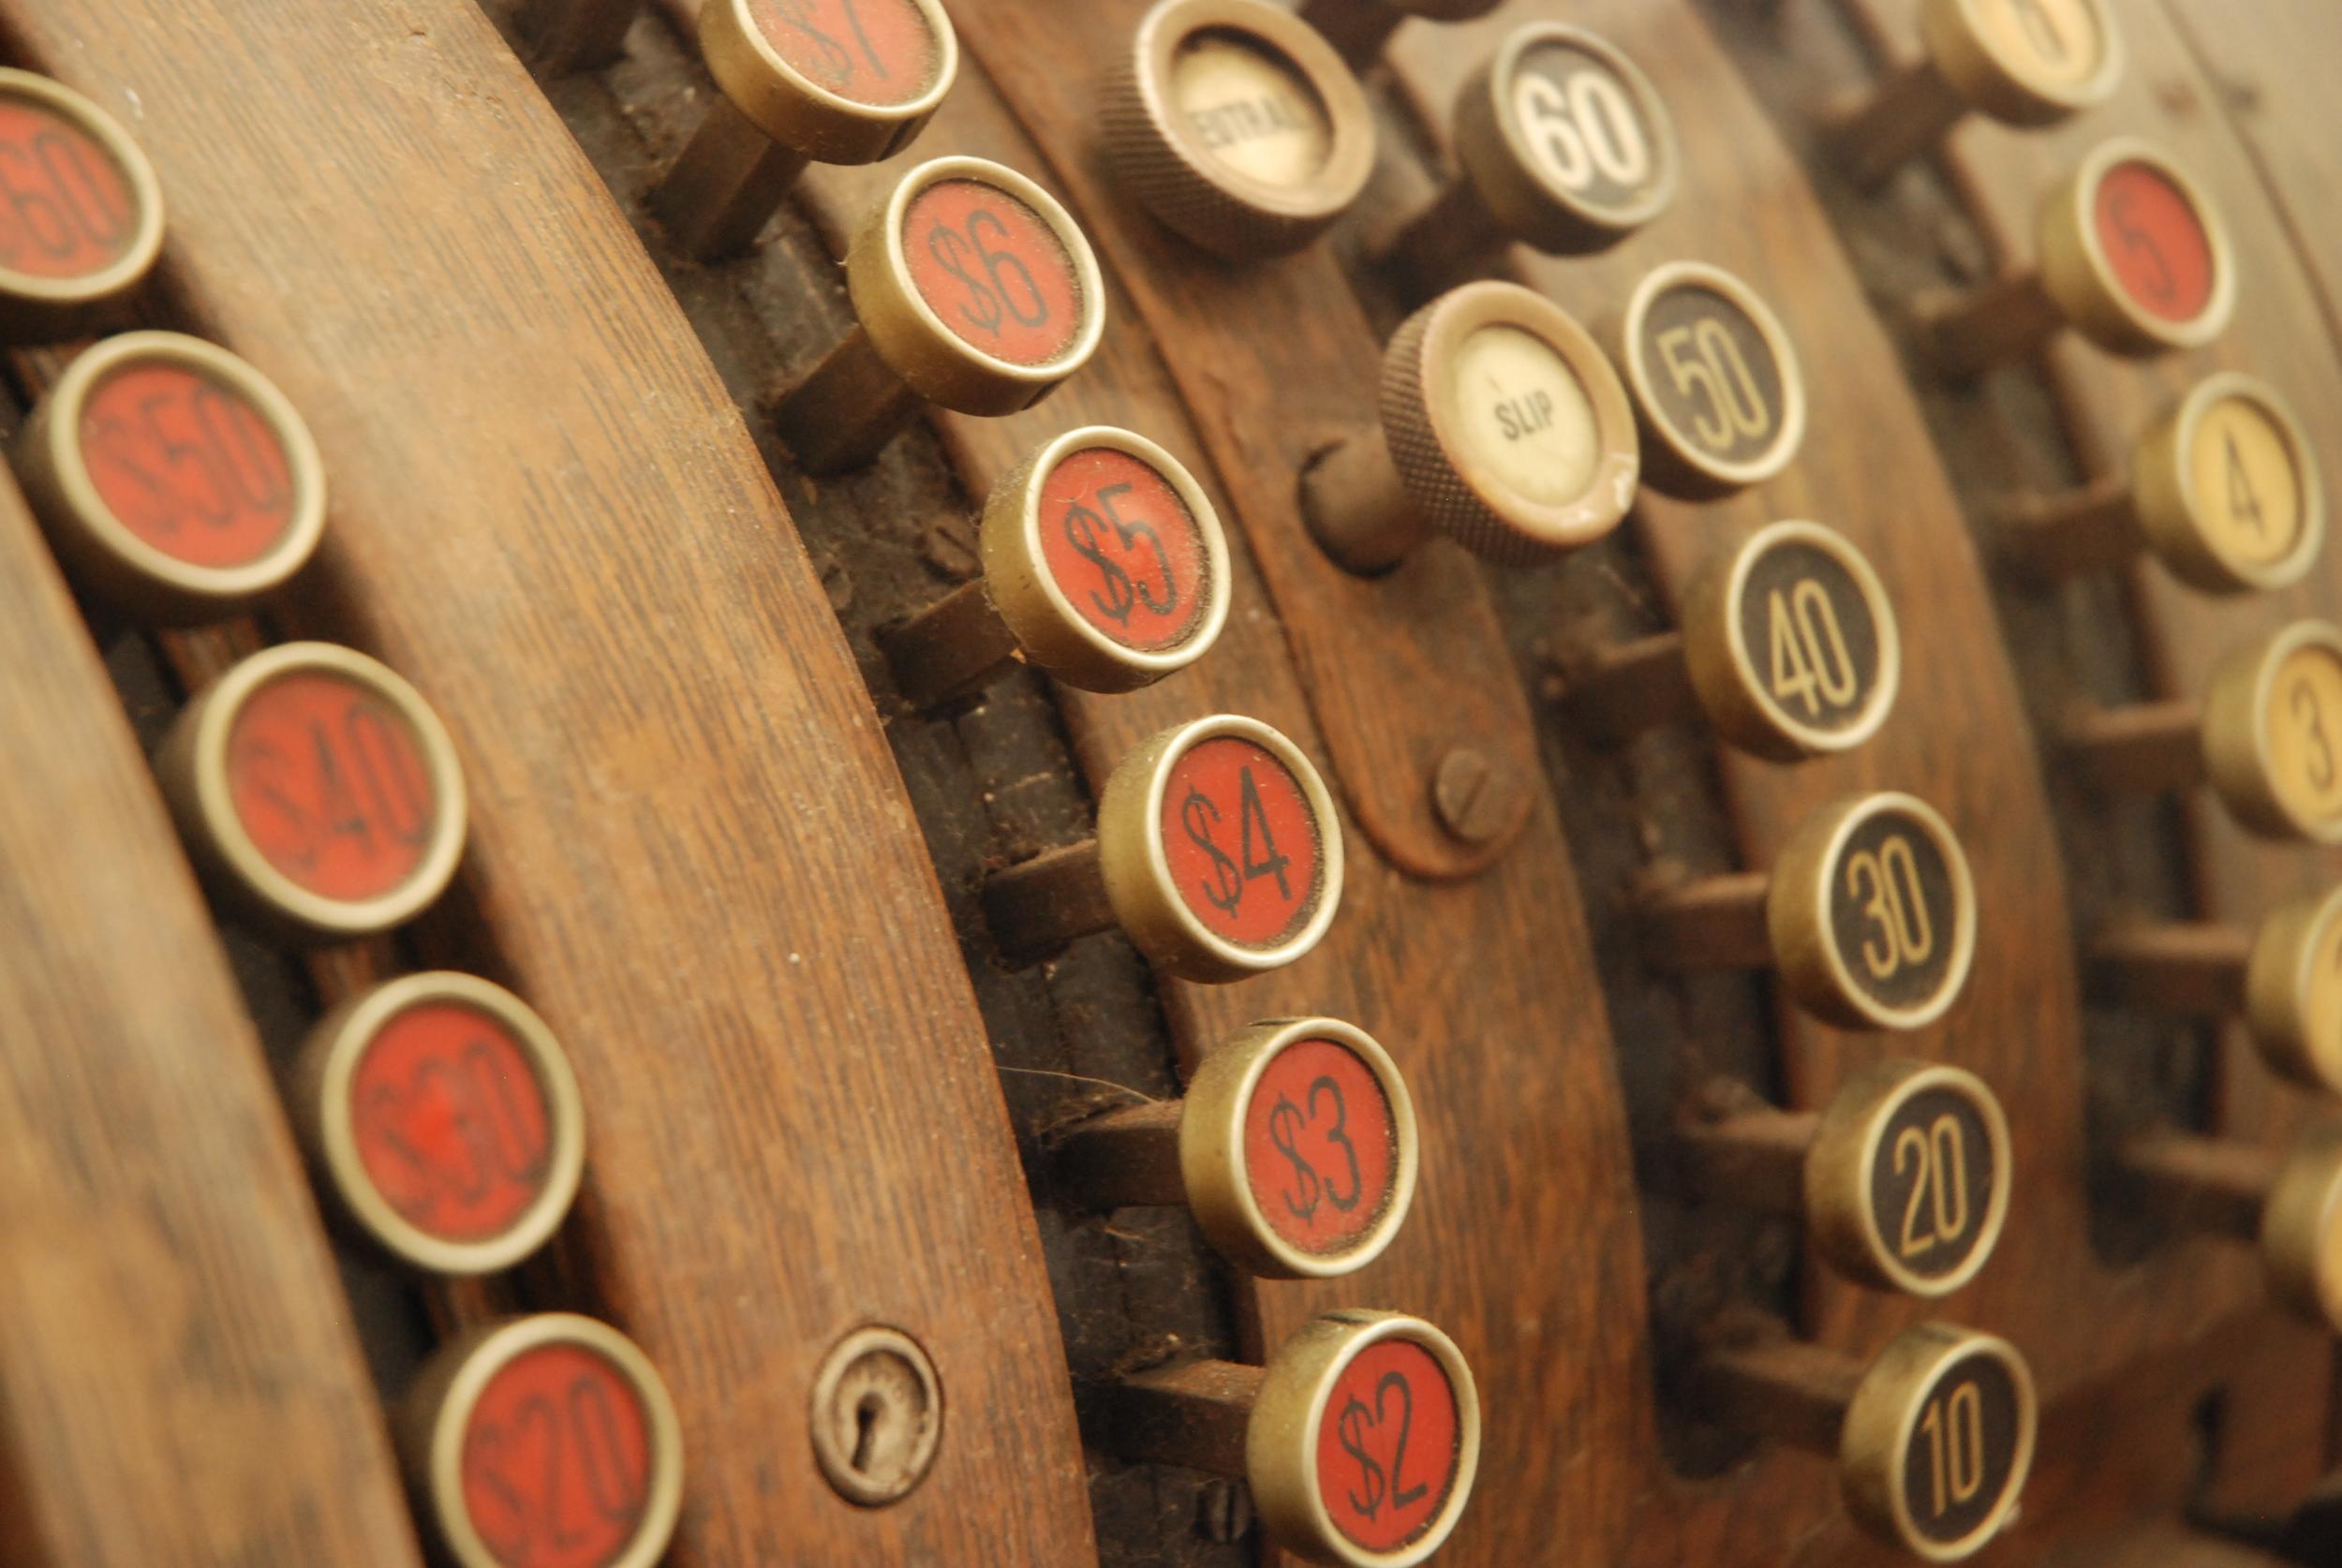 Beholder Images_Antique Market_1180.JPG